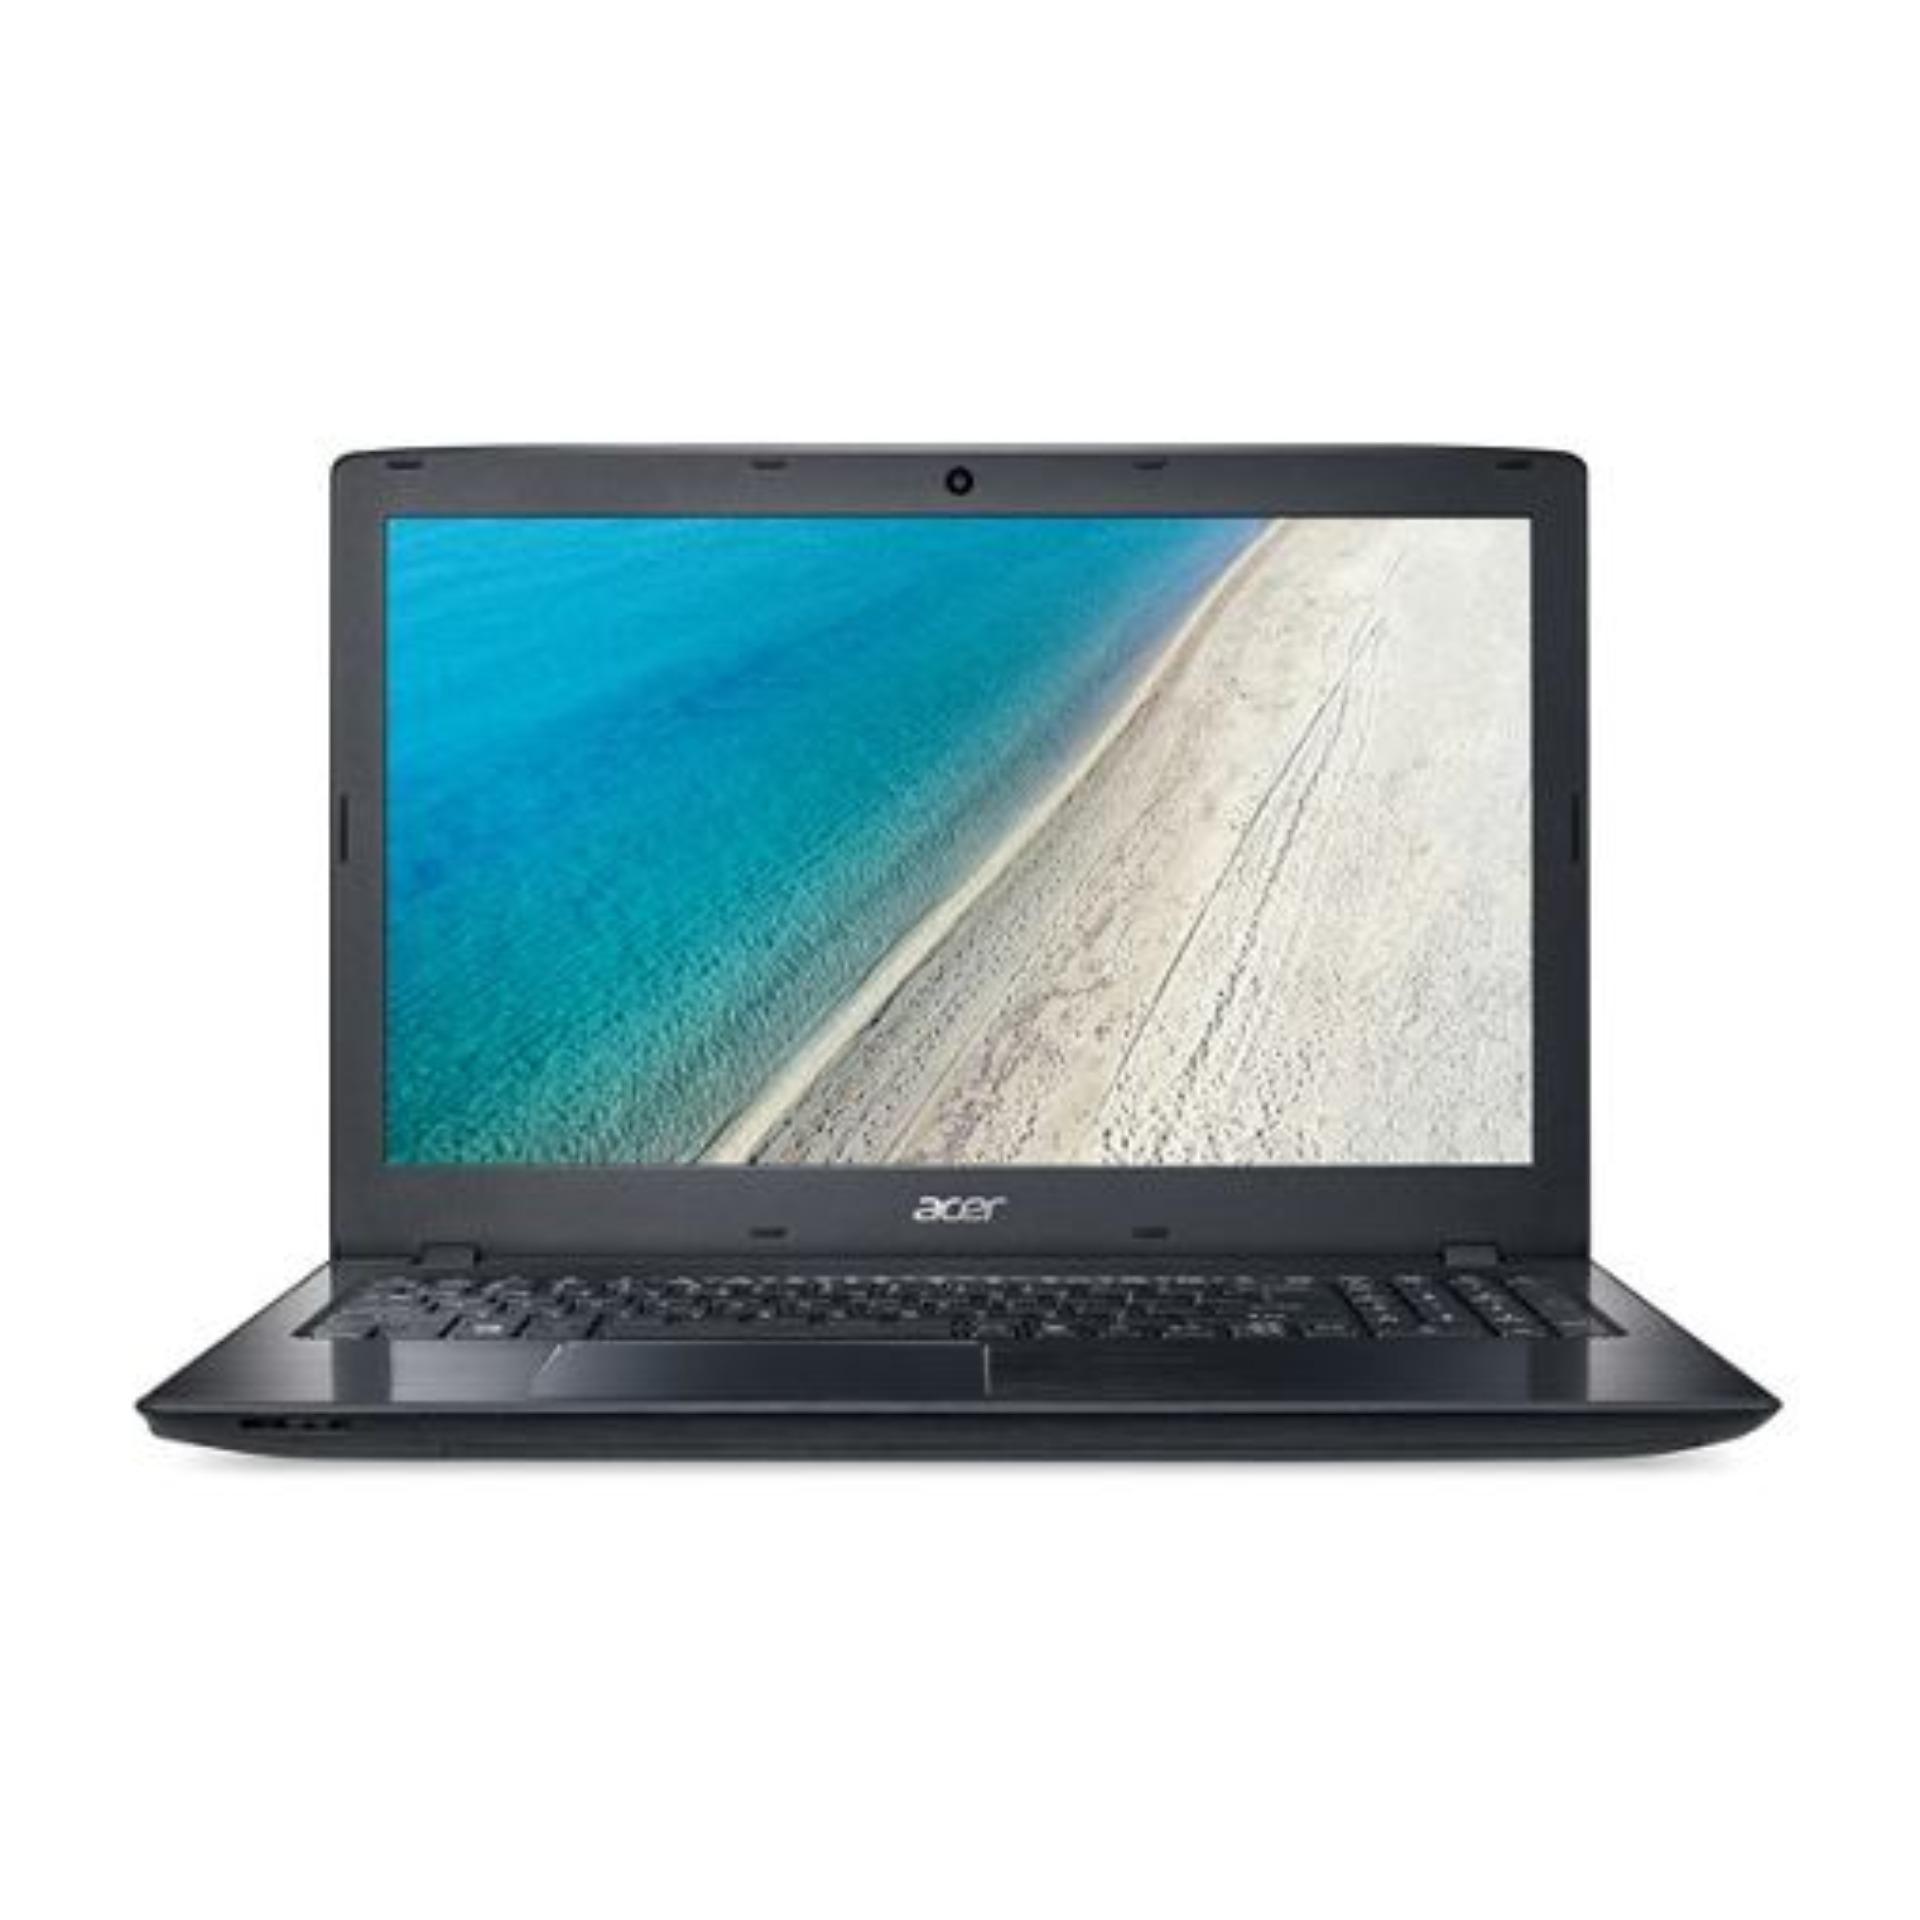 ACER Notebook E5-476 Intel Core I3 7020 4gb 1TB 14INCH WIN 10